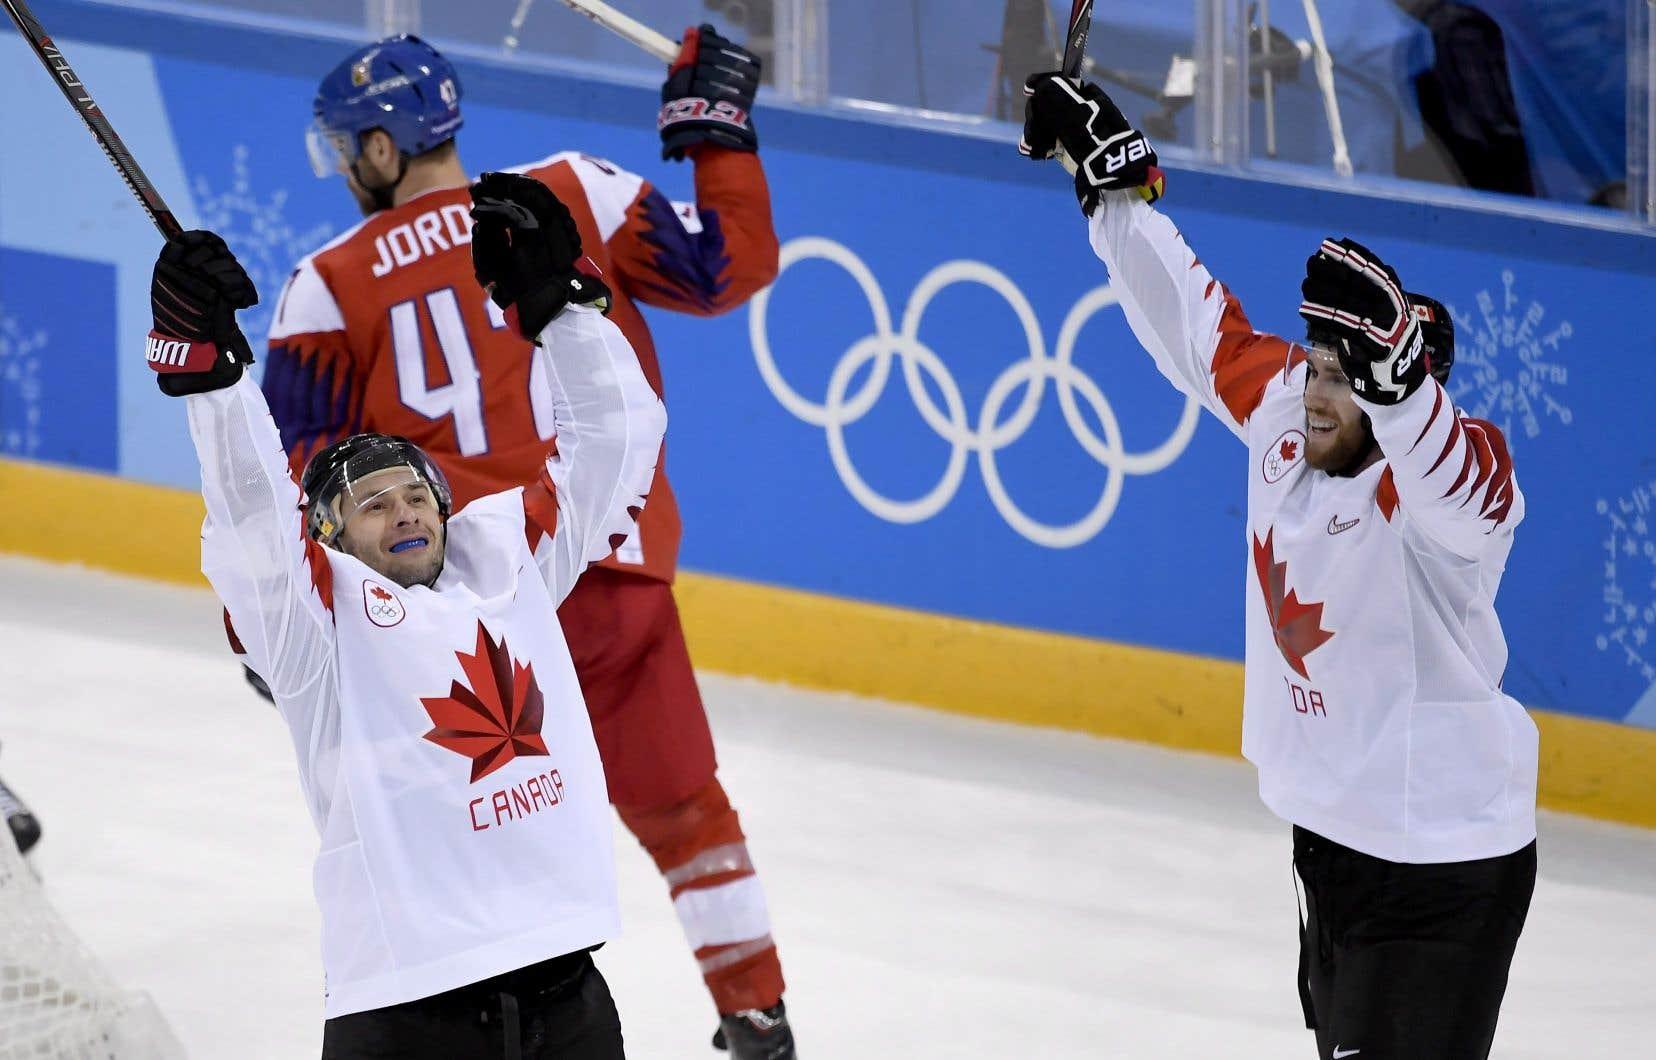 Le Canada soutire le bronze — Hockey masculin